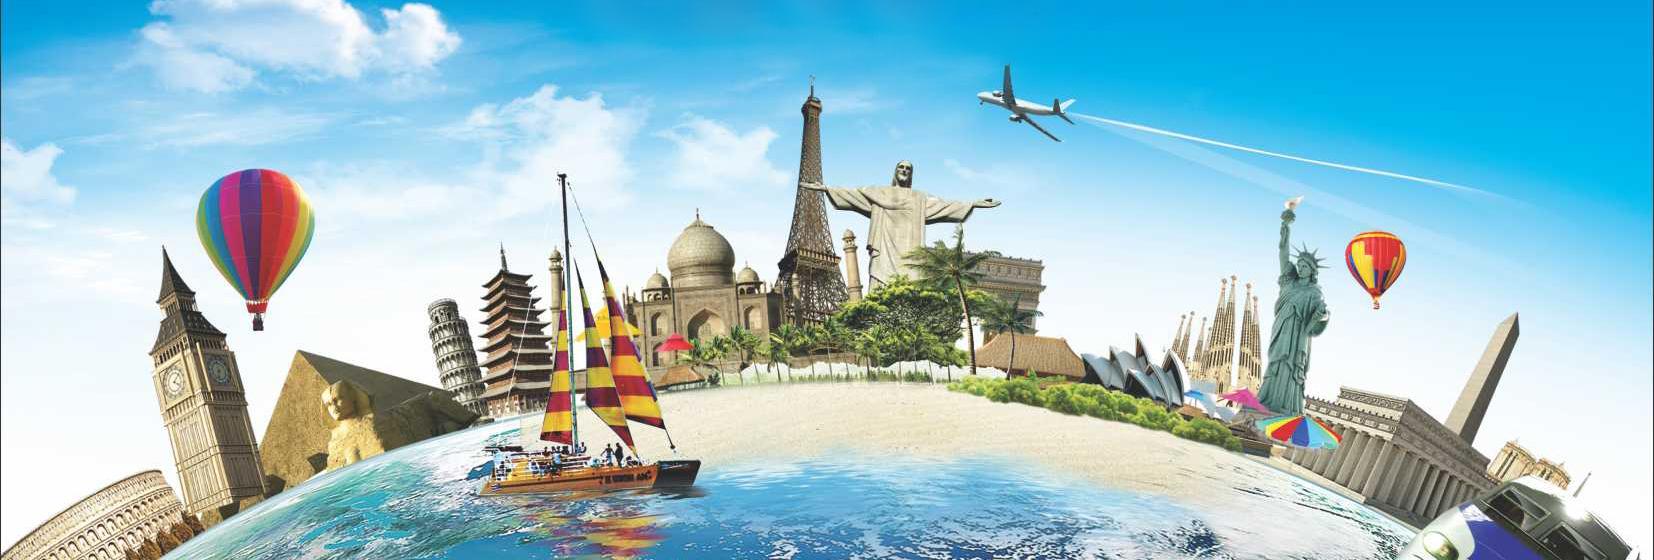 8 definiciones para entender qué es el turismo